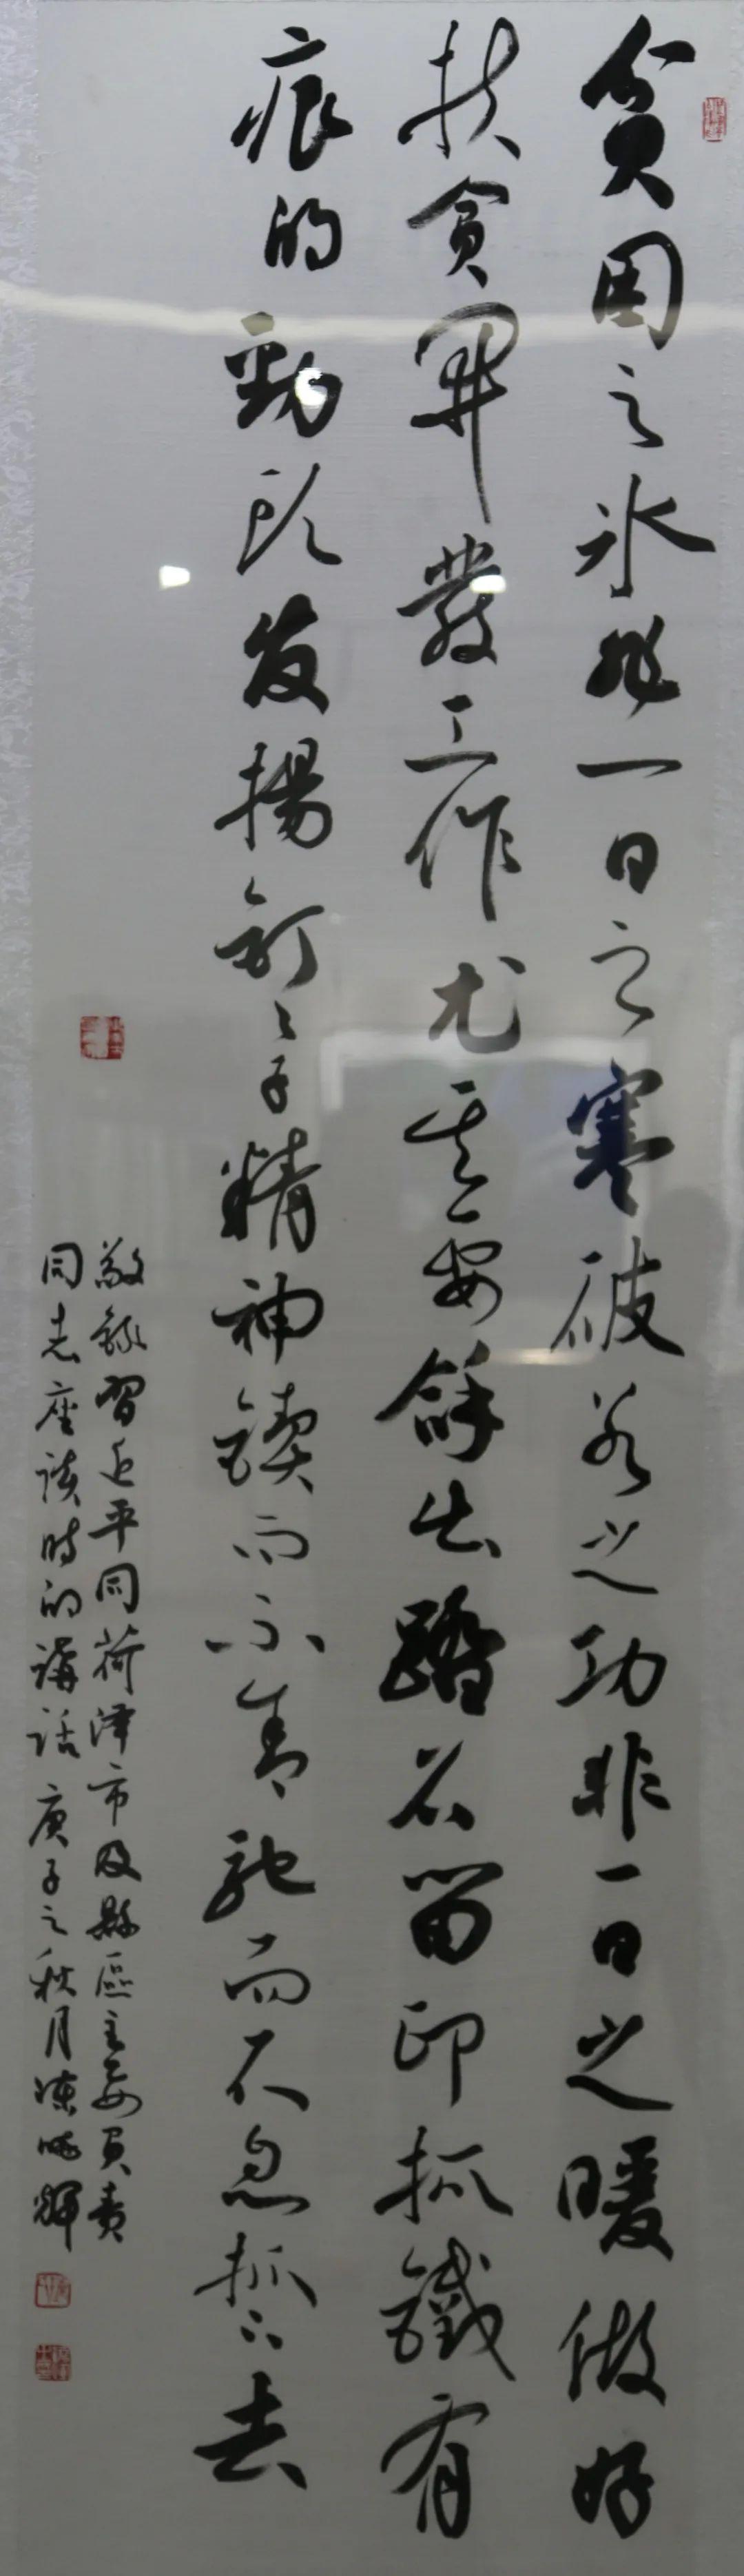 传承红色文化 携手共迎小康 苏皖两省六市书画展在蚌埠开幕(图33)